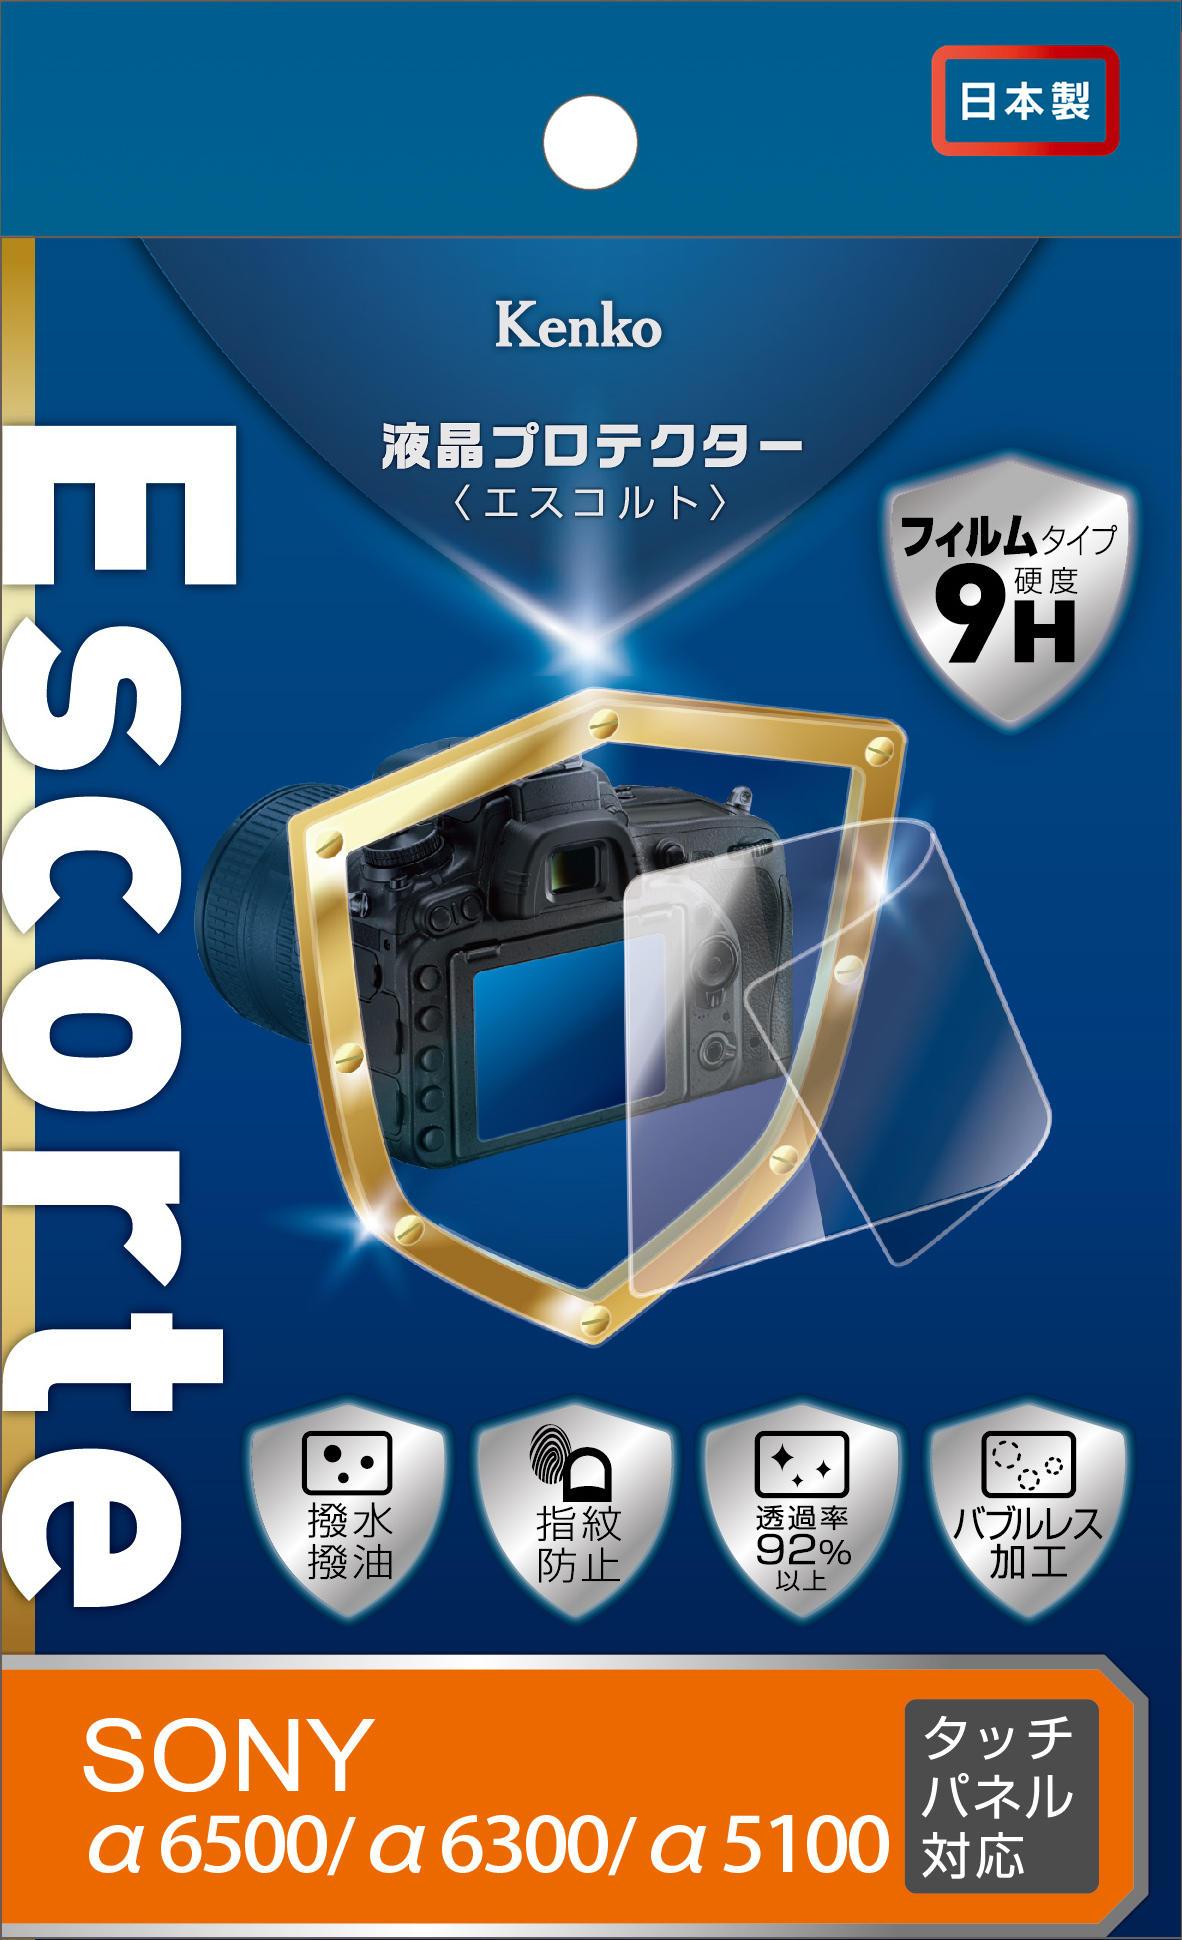 http://www.kenko-tokina.co.jp/imaging/eq/mt-images/4961607781708.jpg